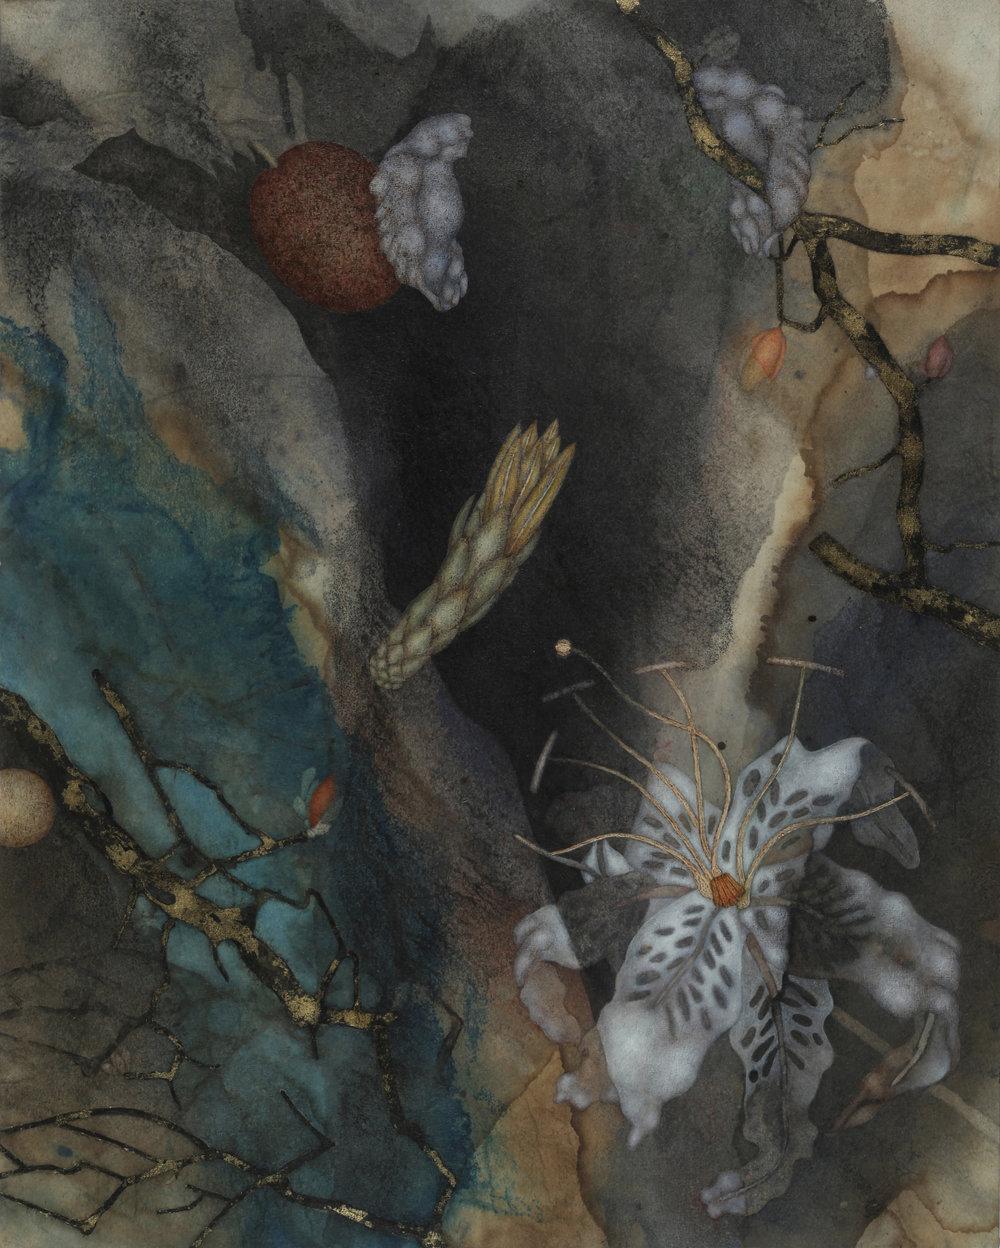 Tundale's Journey III (2017), 20in x16in,oil, encaustic, asphaltum, gold leaf, on Okawara paper on panel